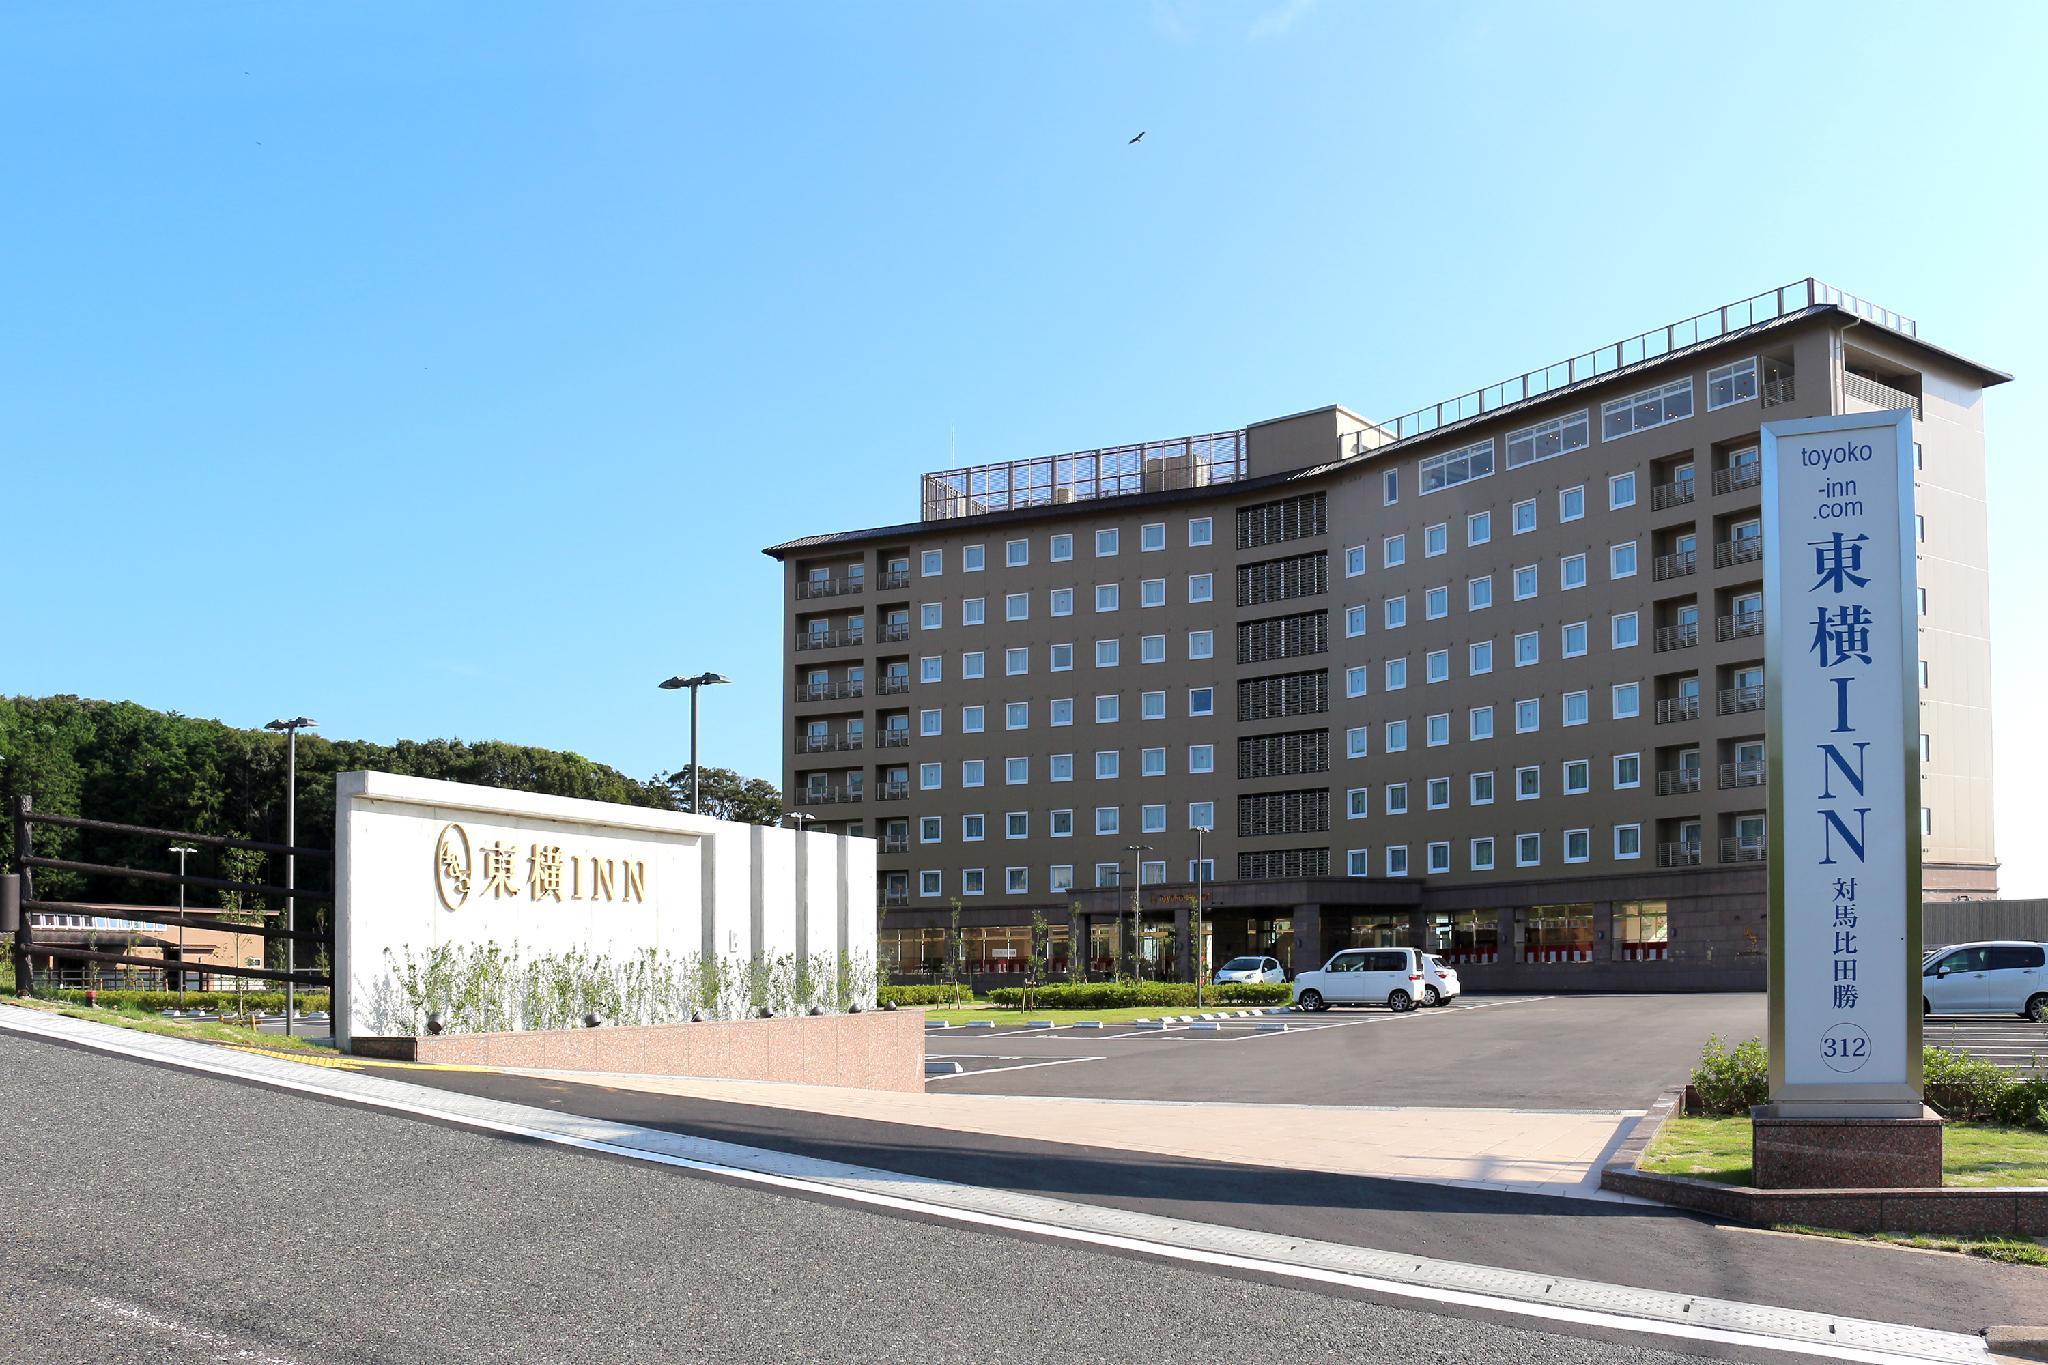 Toyoko Inn Tsushima Hitakatsu